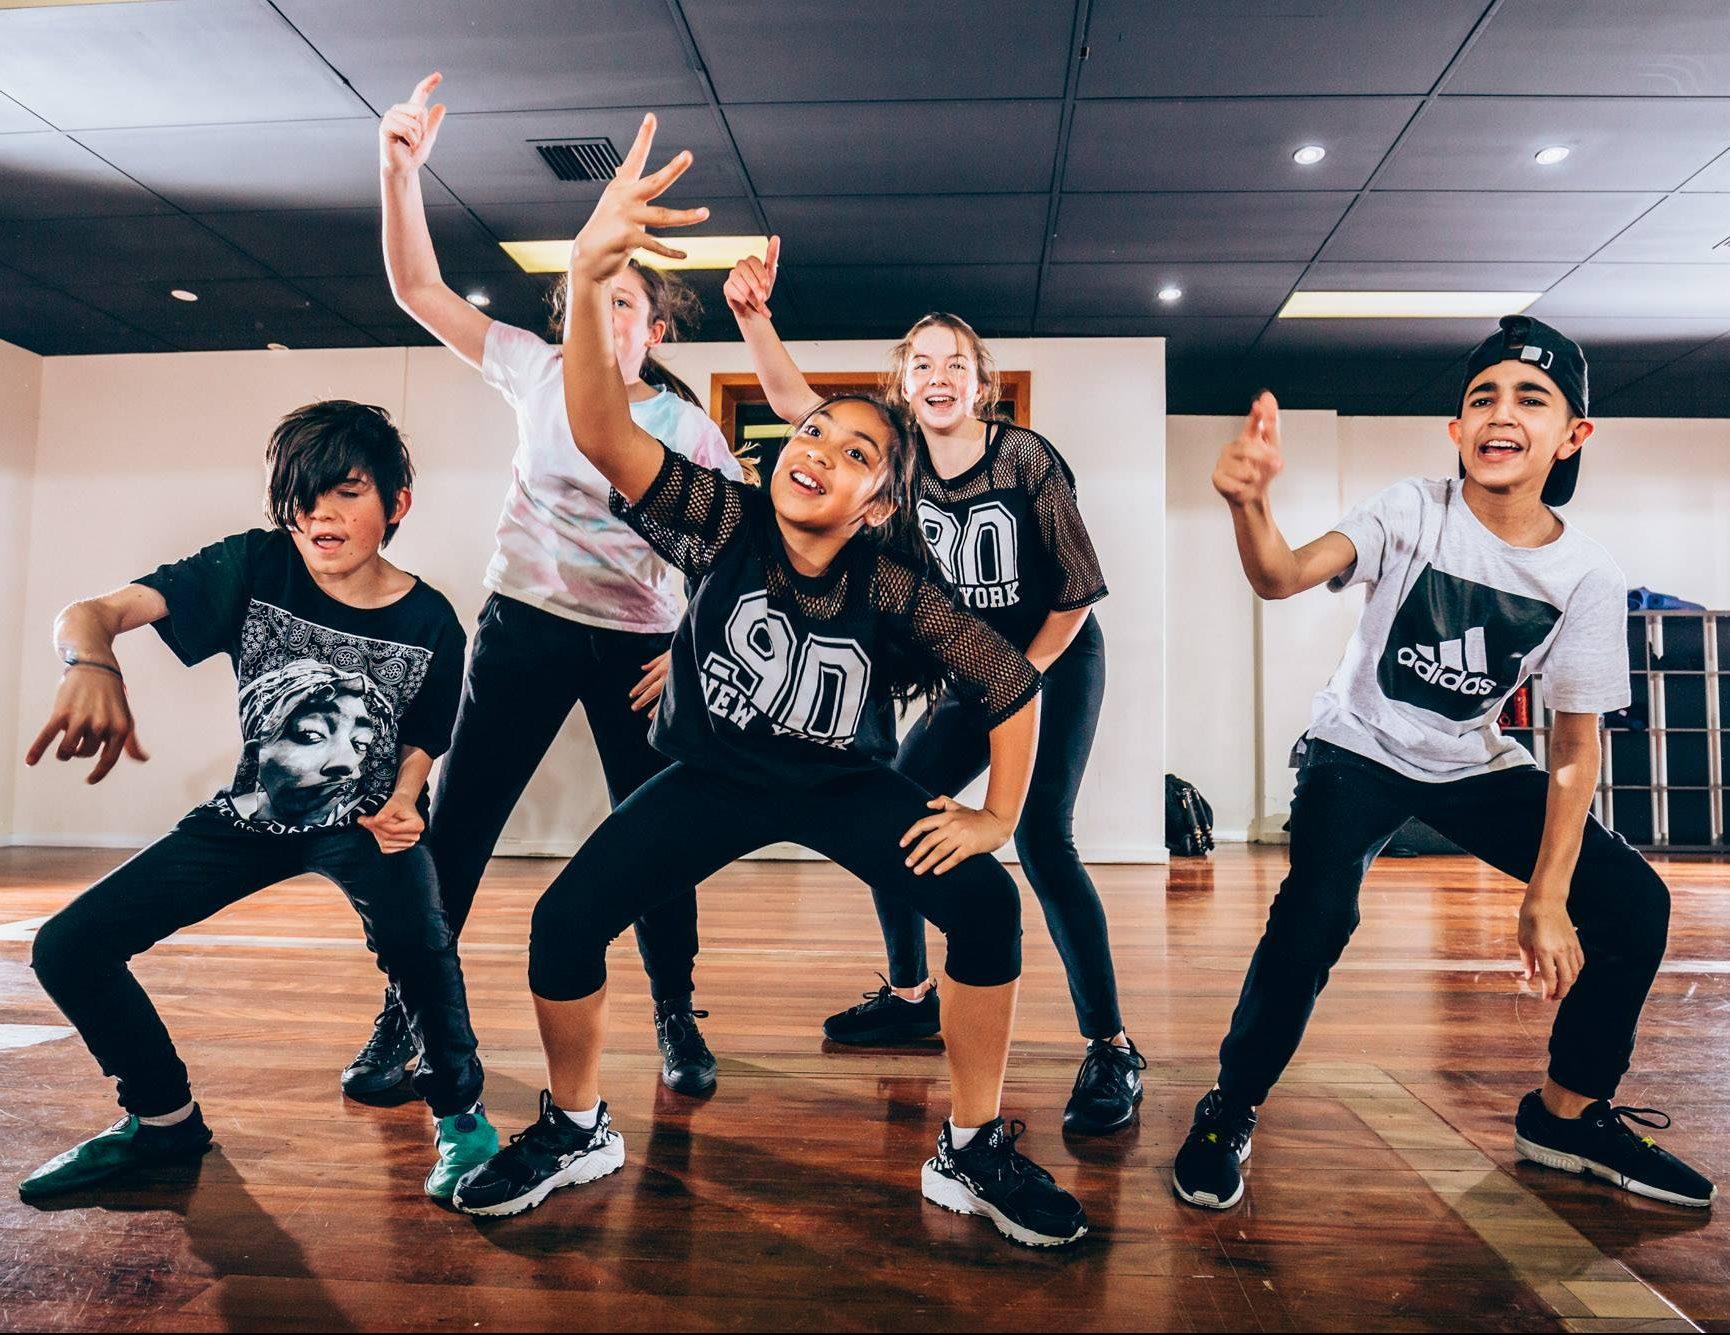 streetdance hiphop outfit kinderen